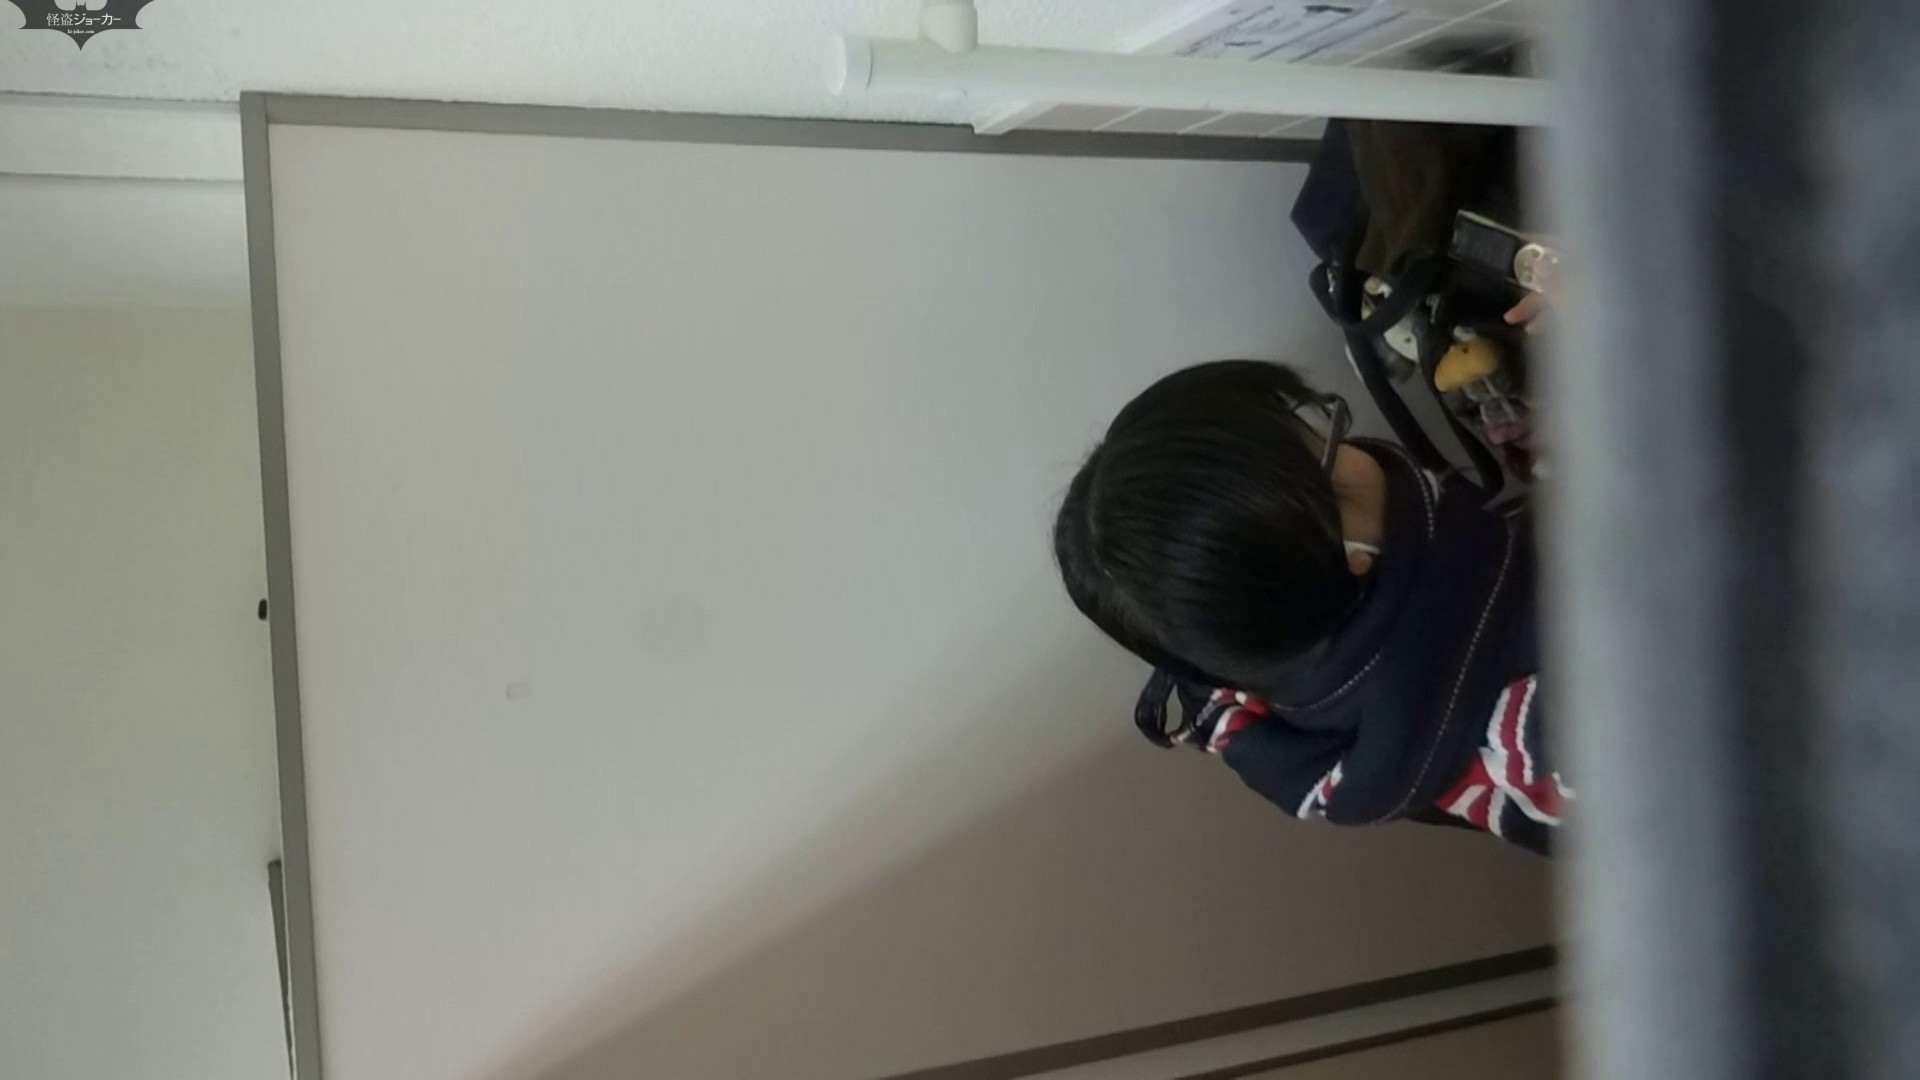 化粧室絵巻 駅舎編 VOL.28 盗撮  87pic 7